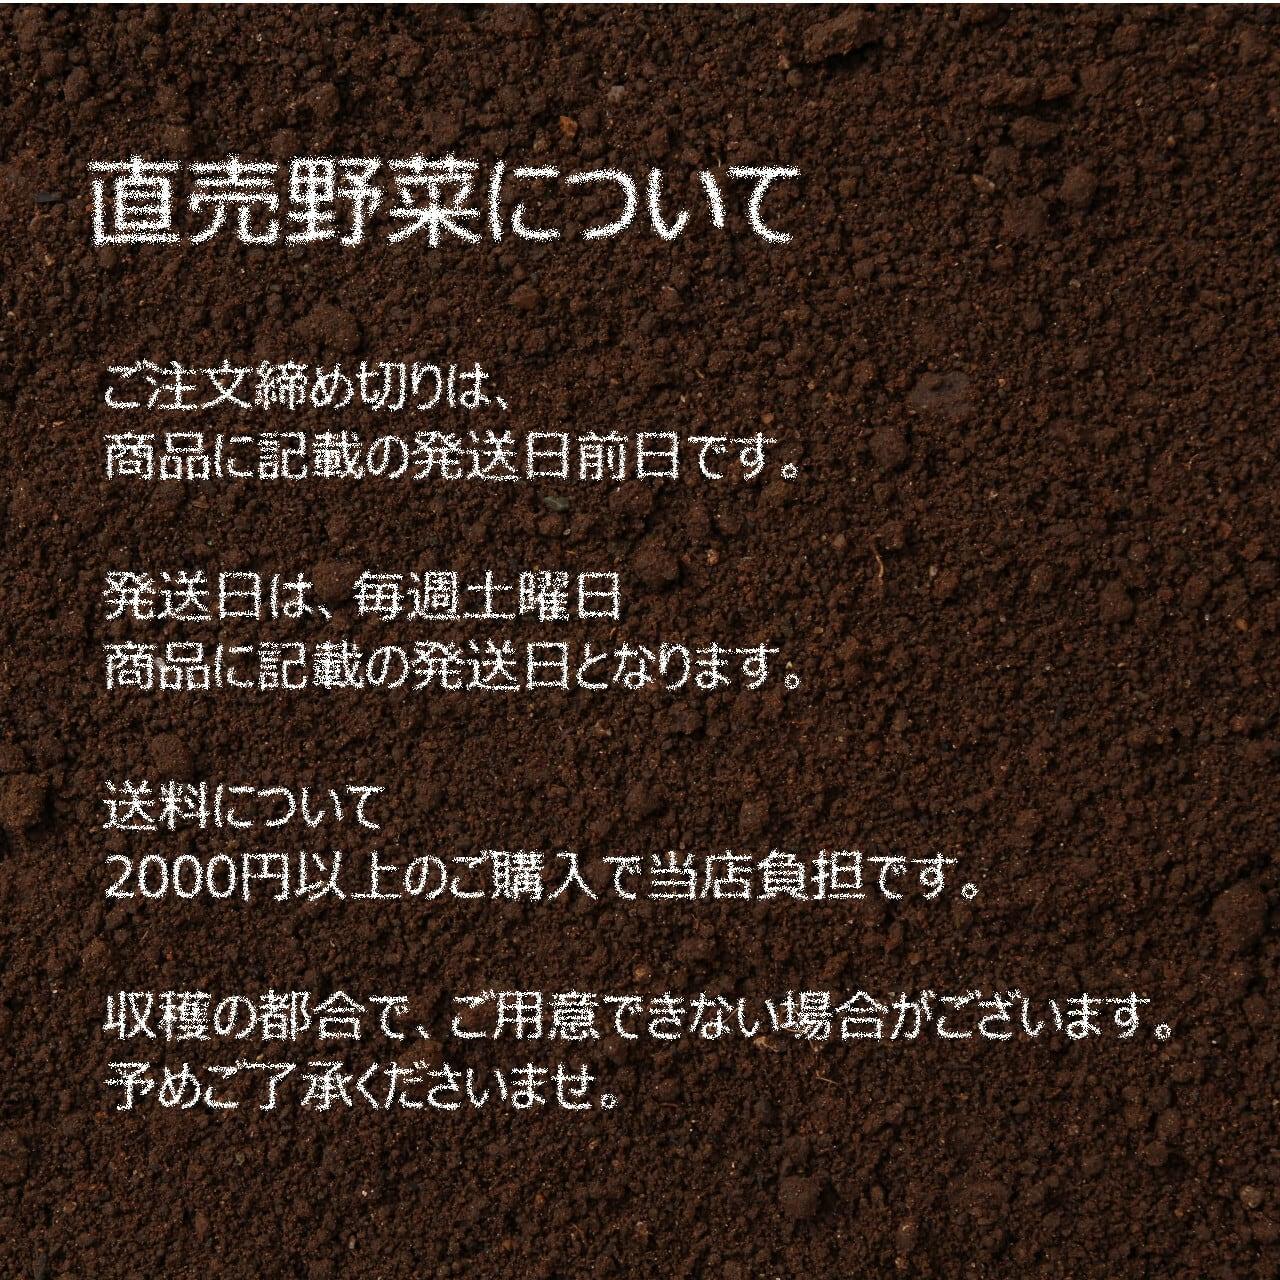 ミョウガ 約150g 朝採り直売野菜 7月の新鮮な夏野菜  7月11日発送予定